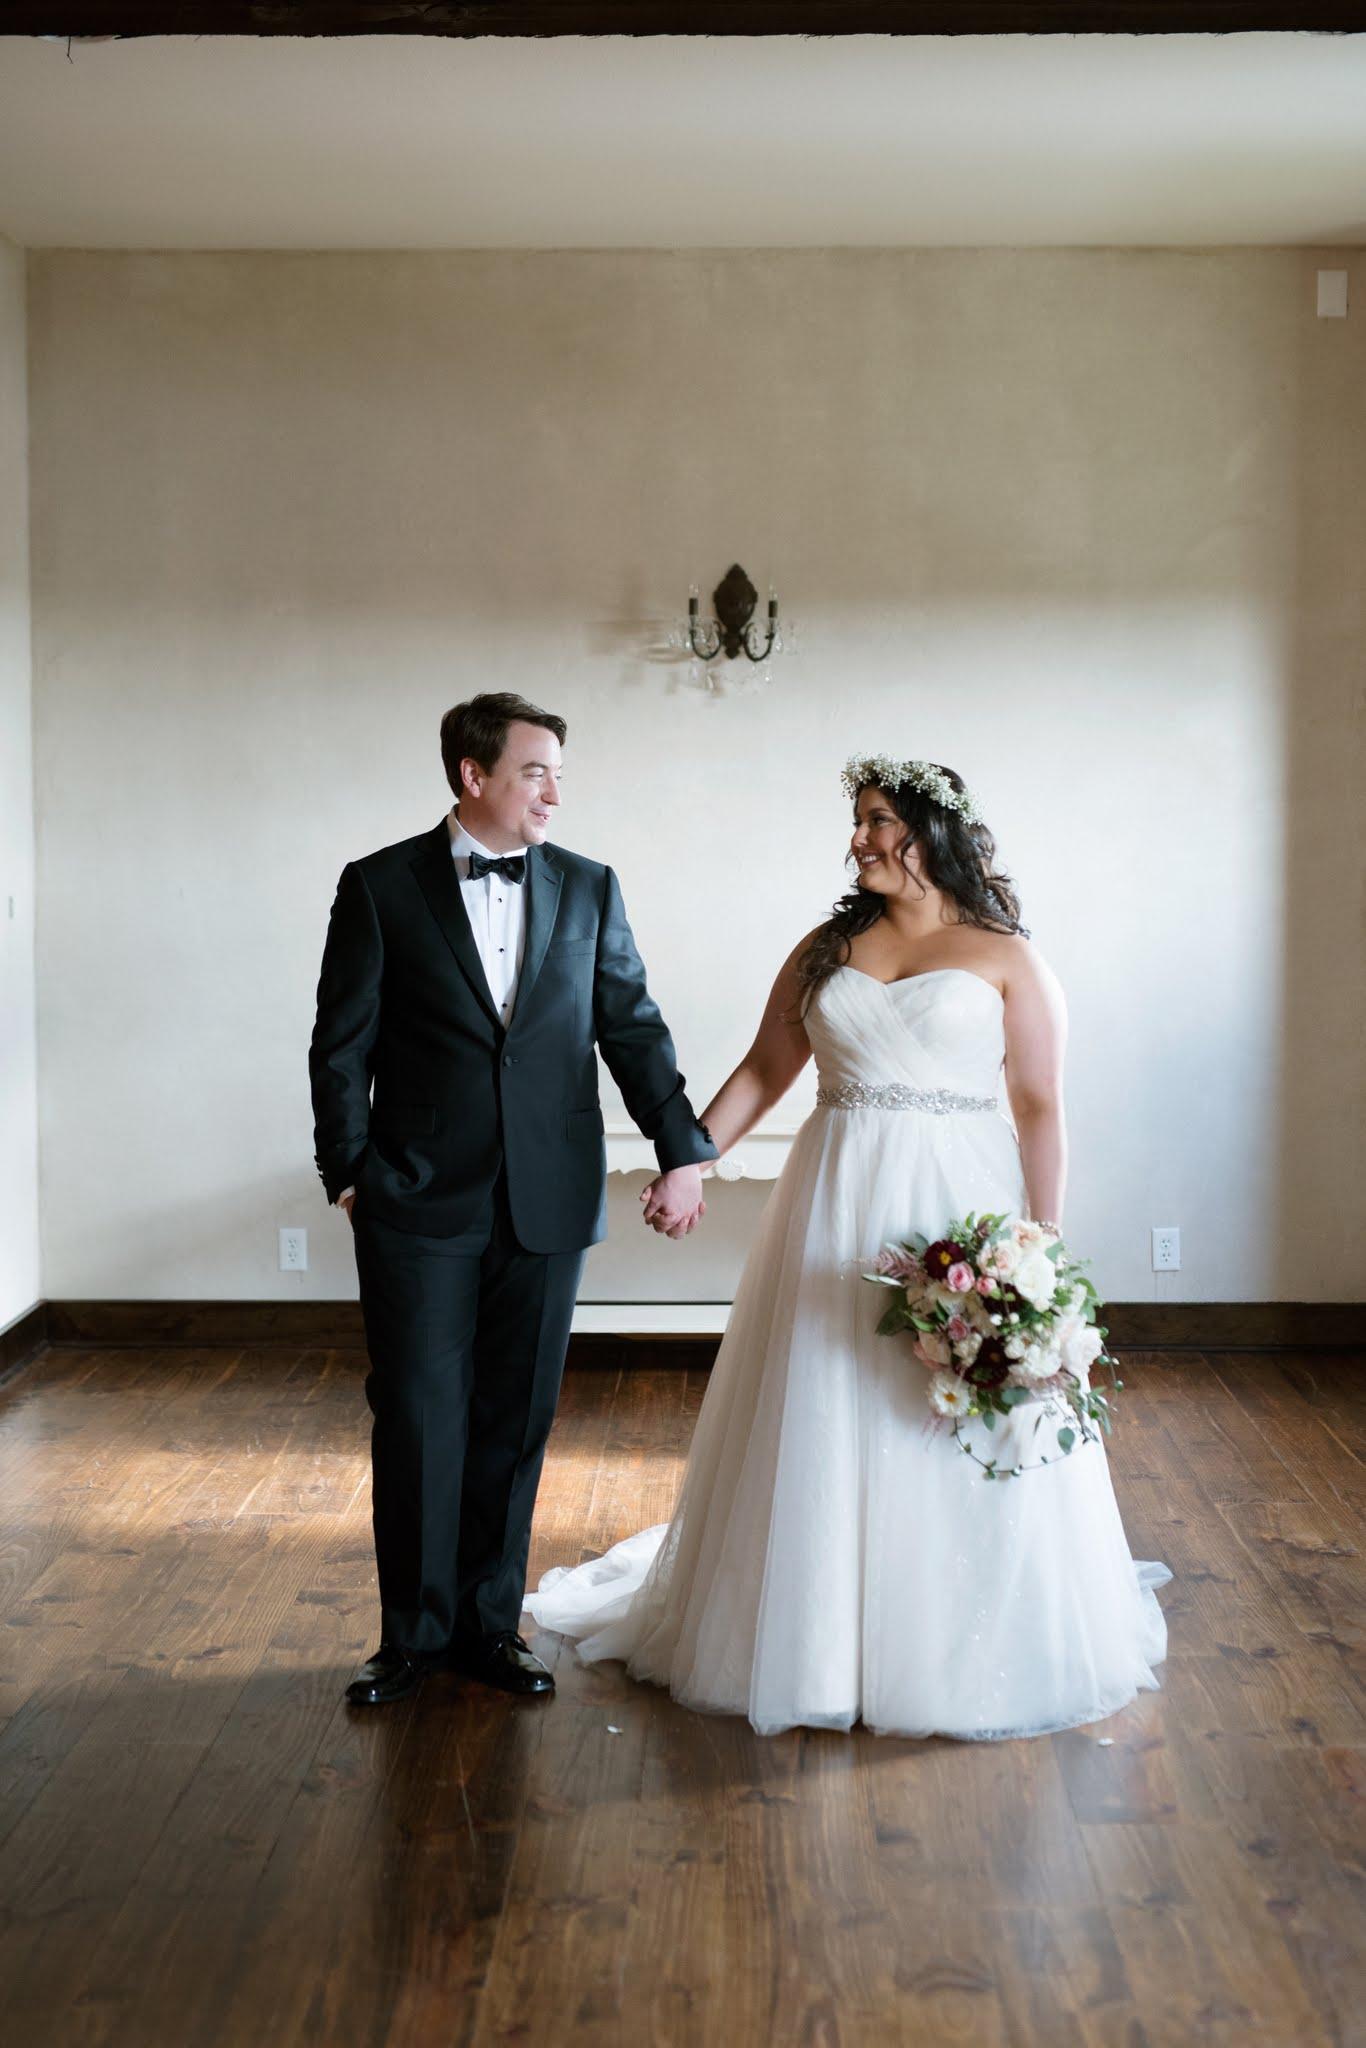 109-melanie-dw-wedding.jpg